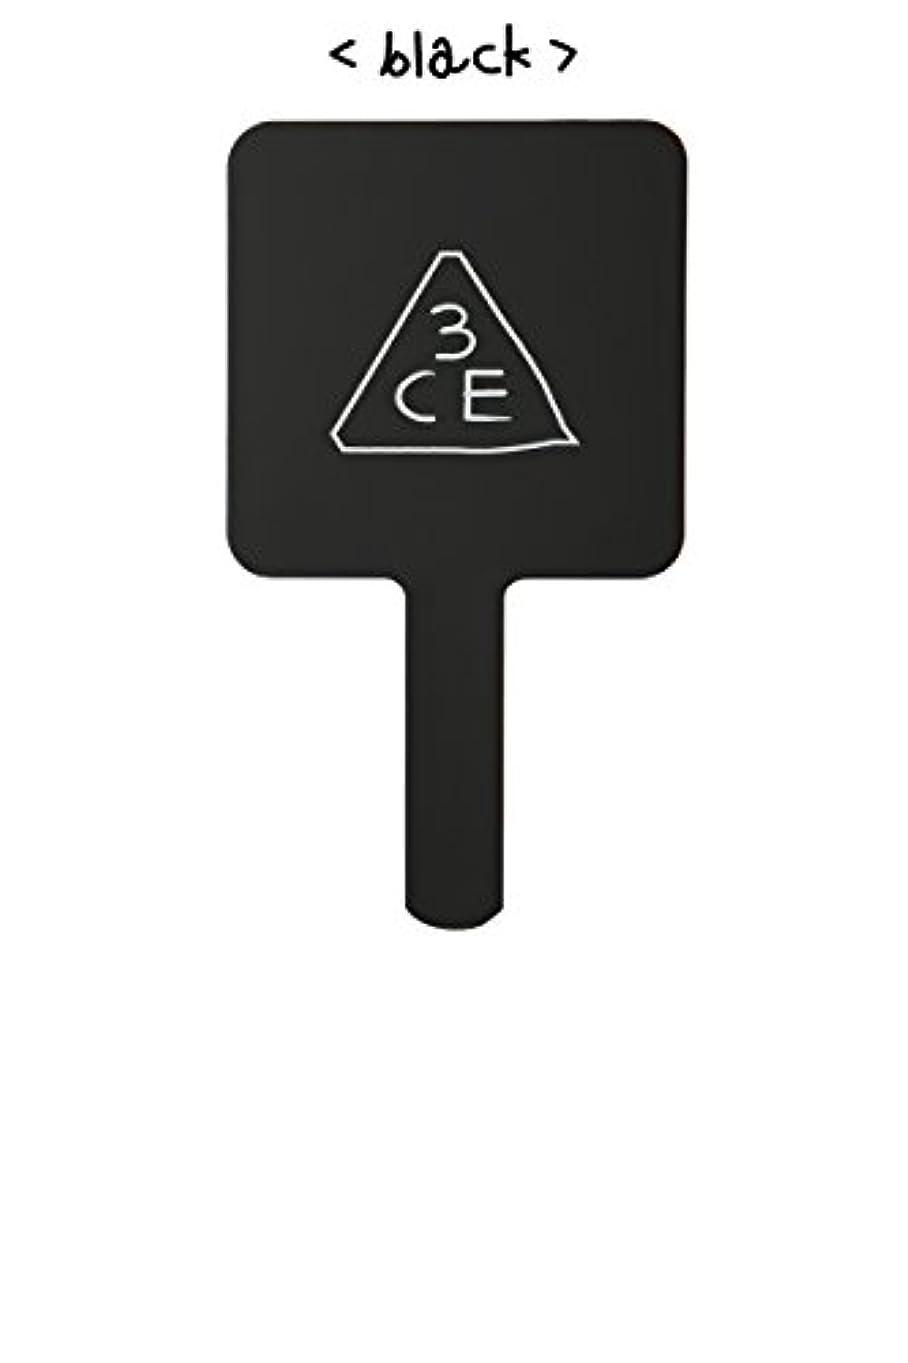 なる機構作家スリーコンセプトアイズ 3CE ミニ ハンド ミラー #BLACK